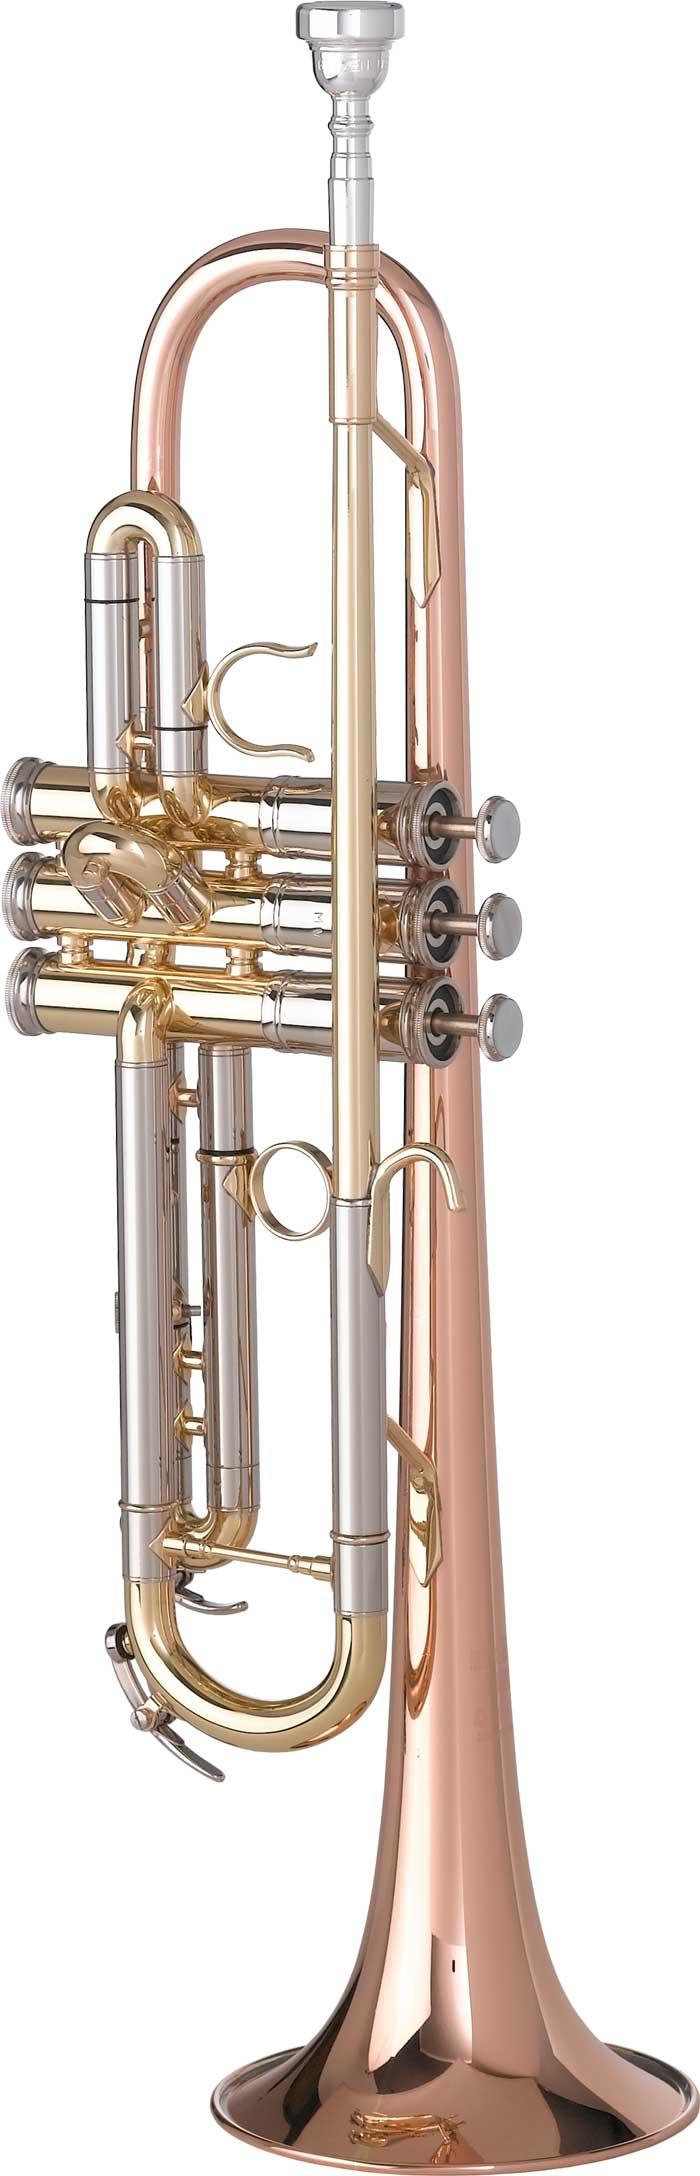 Getzen 3001MV Bb Trumpet